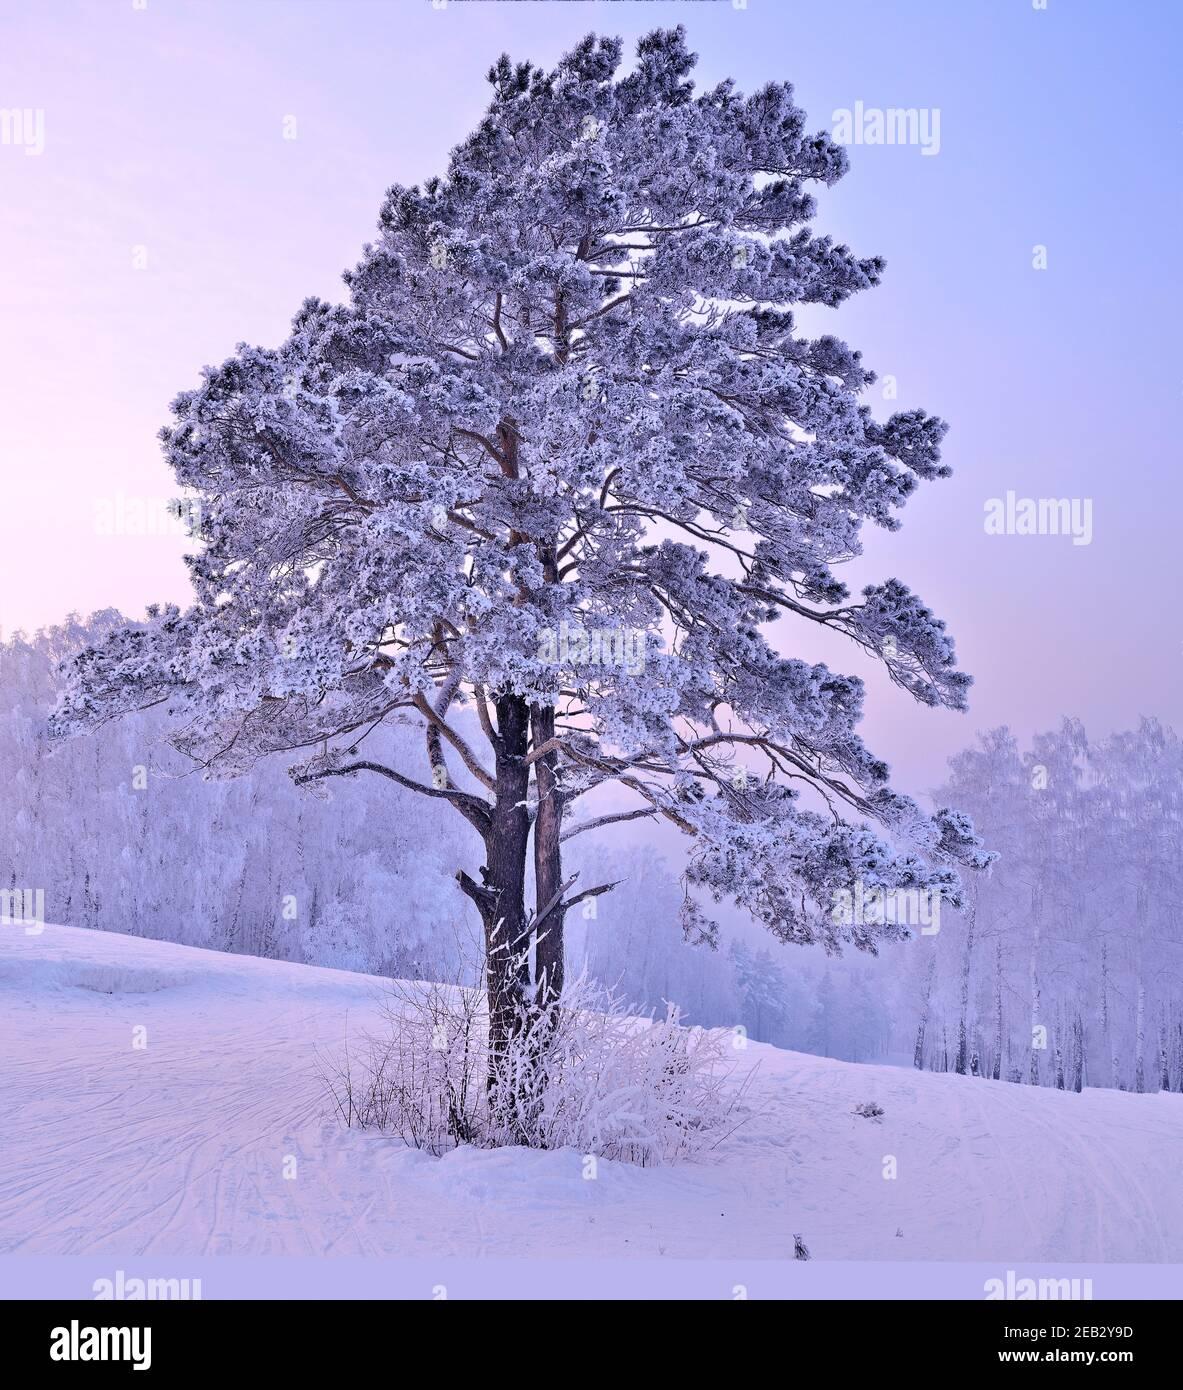 Neve e brina coperta di pini in cima alla collina all'alba rosa. Paesaggio invernale atmosferico - fiaba della natura. Piste da sci su piste innevate - A. Foto Stock